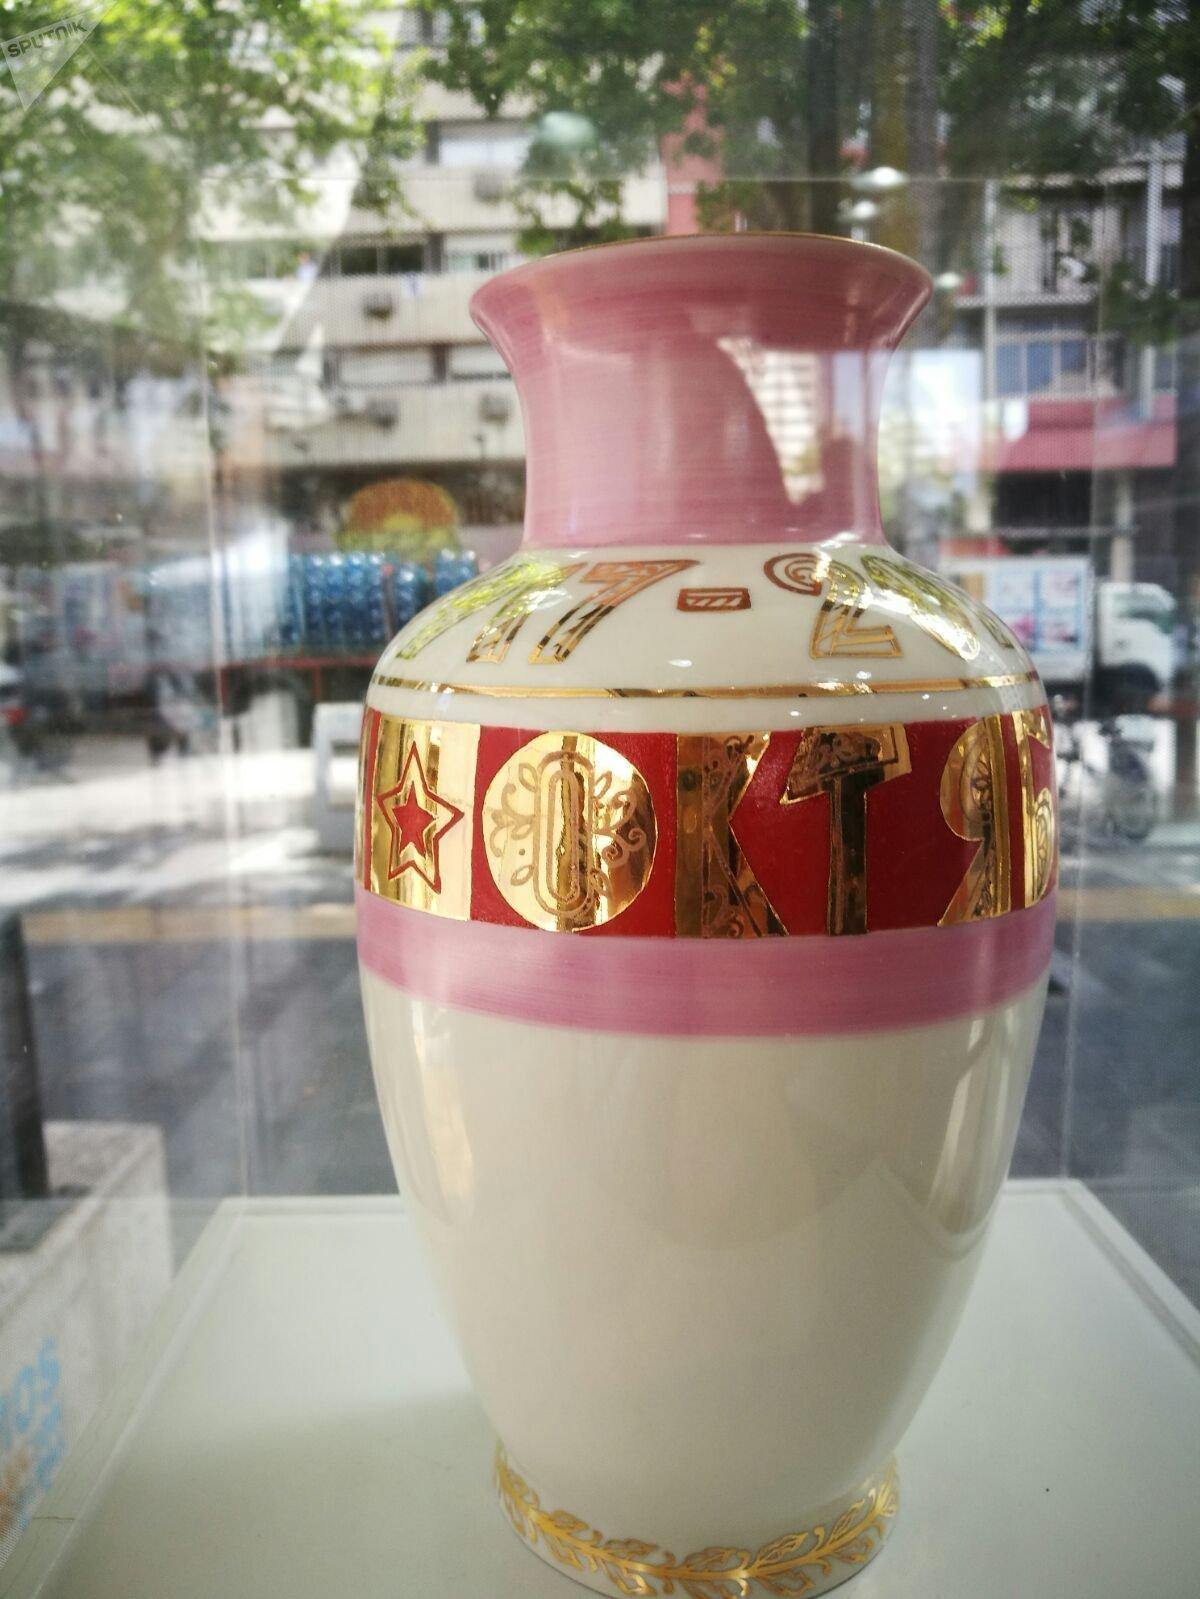 Jarrón de porcelana conmemorativa de los 100 años de octubre realizado por el artesano Mikhail Obrubov realizado exclusivamente para la muestra '100 años de Octubre Rojo', en Montevideo, Uruguay.